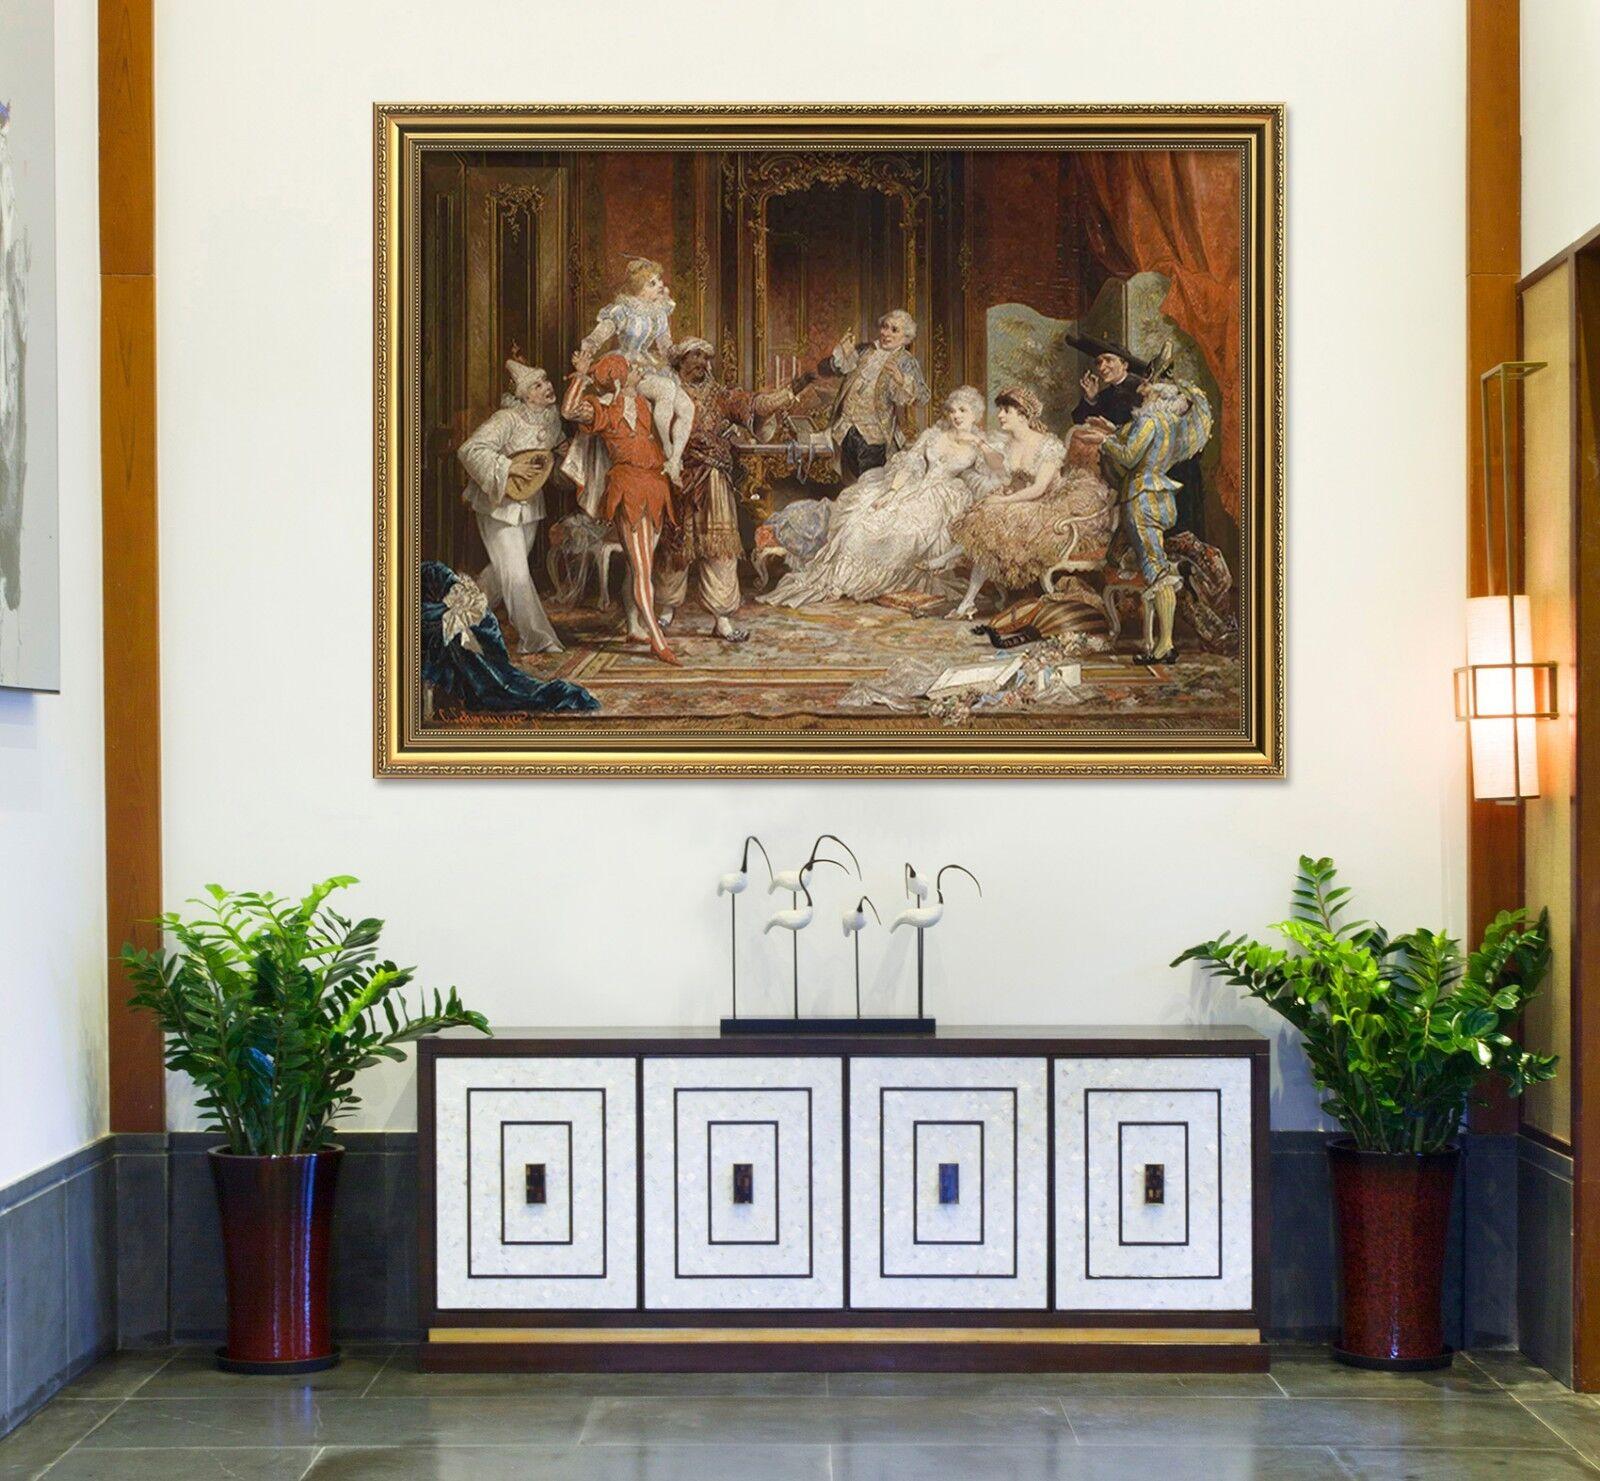 3D Royal Circo Europa 2 Póster Enmarcado Decoración del Hogar Pintura de Impresión Arte Wallpaper